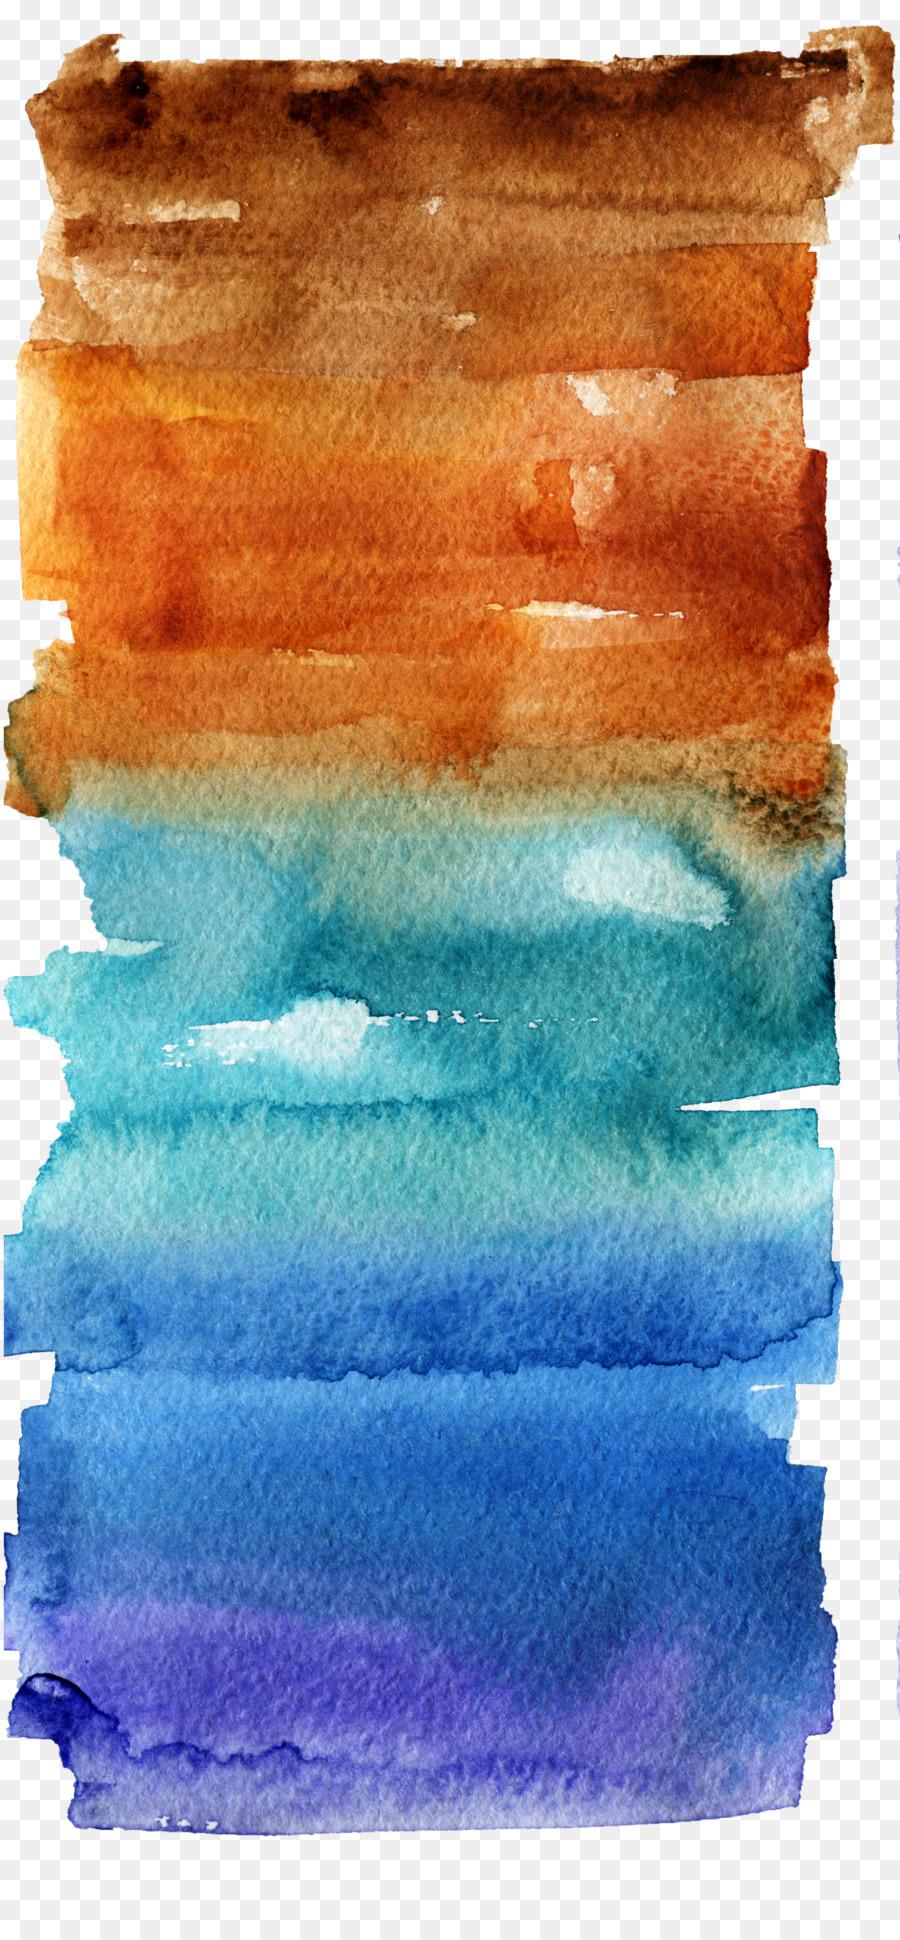 Descarga gratuita de Papel, Pintura A La Acuarela, Pincel Imágen de Png